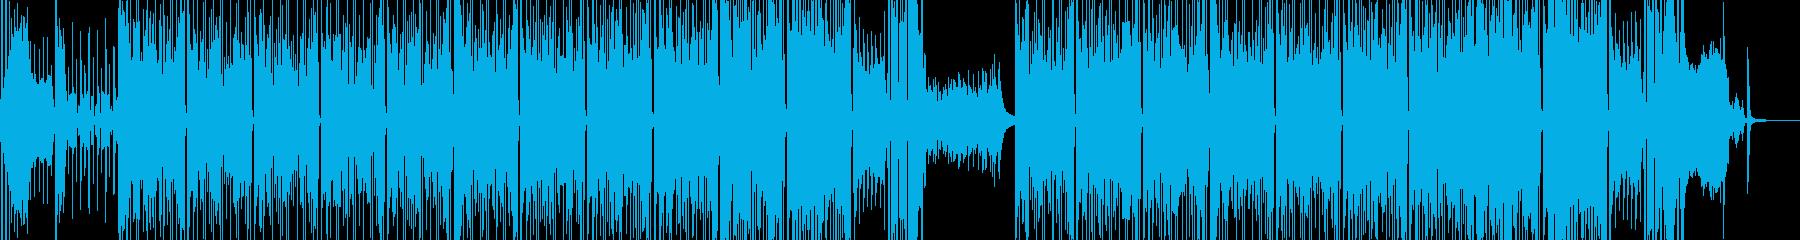 タイム制限クイズのようなポップスの再生済みの波形